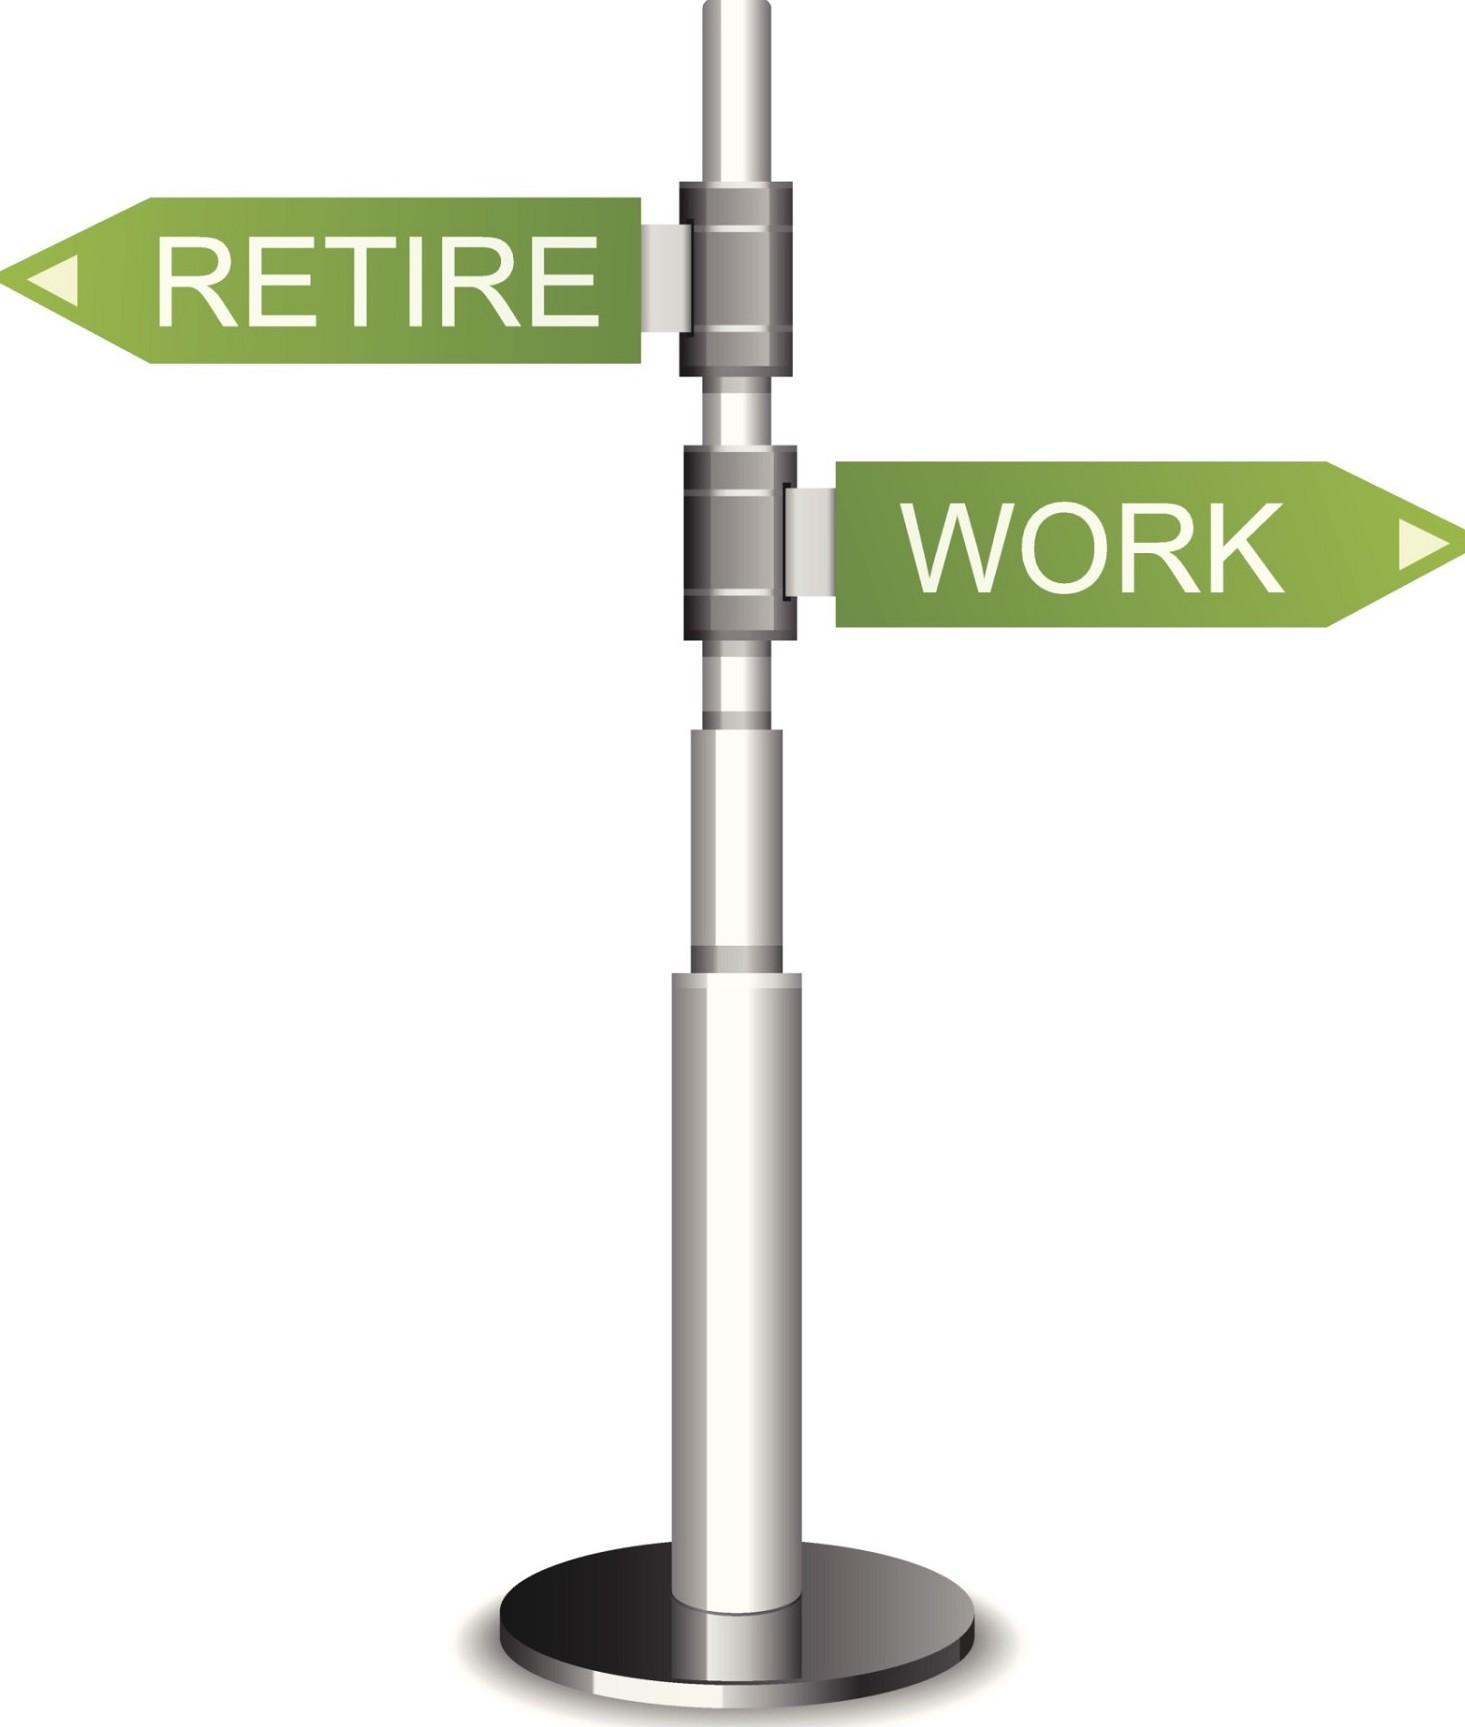 Pensioni, novità in Legge di Stabilità 2